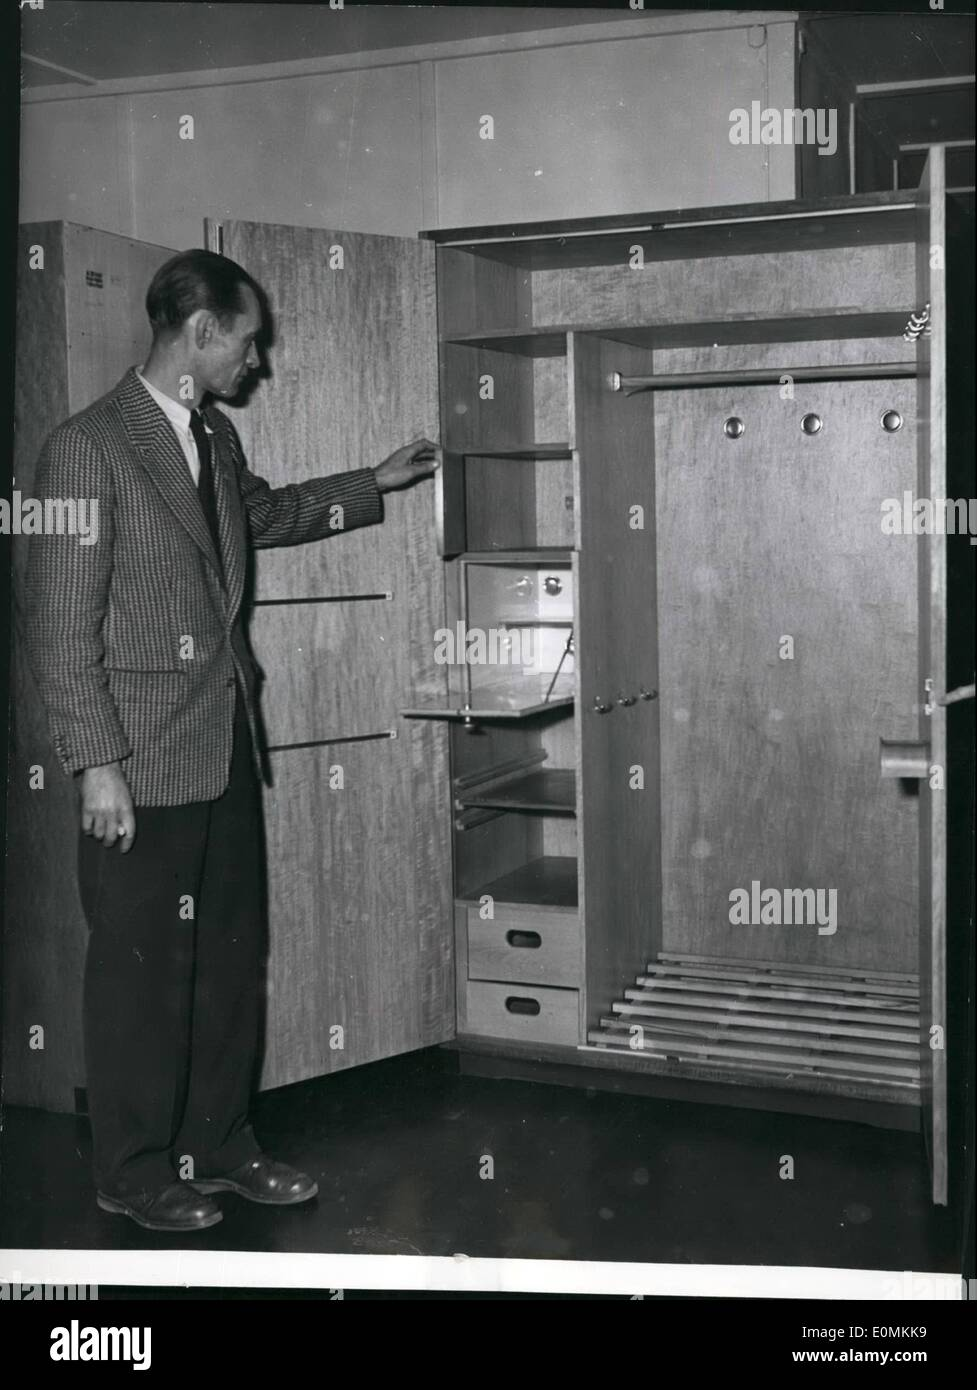 Armadio Guardaroba Per Soggiorno.Nov 11 1955 Il Legno E Piu Caldo Rispetto All Acciaio Era Il